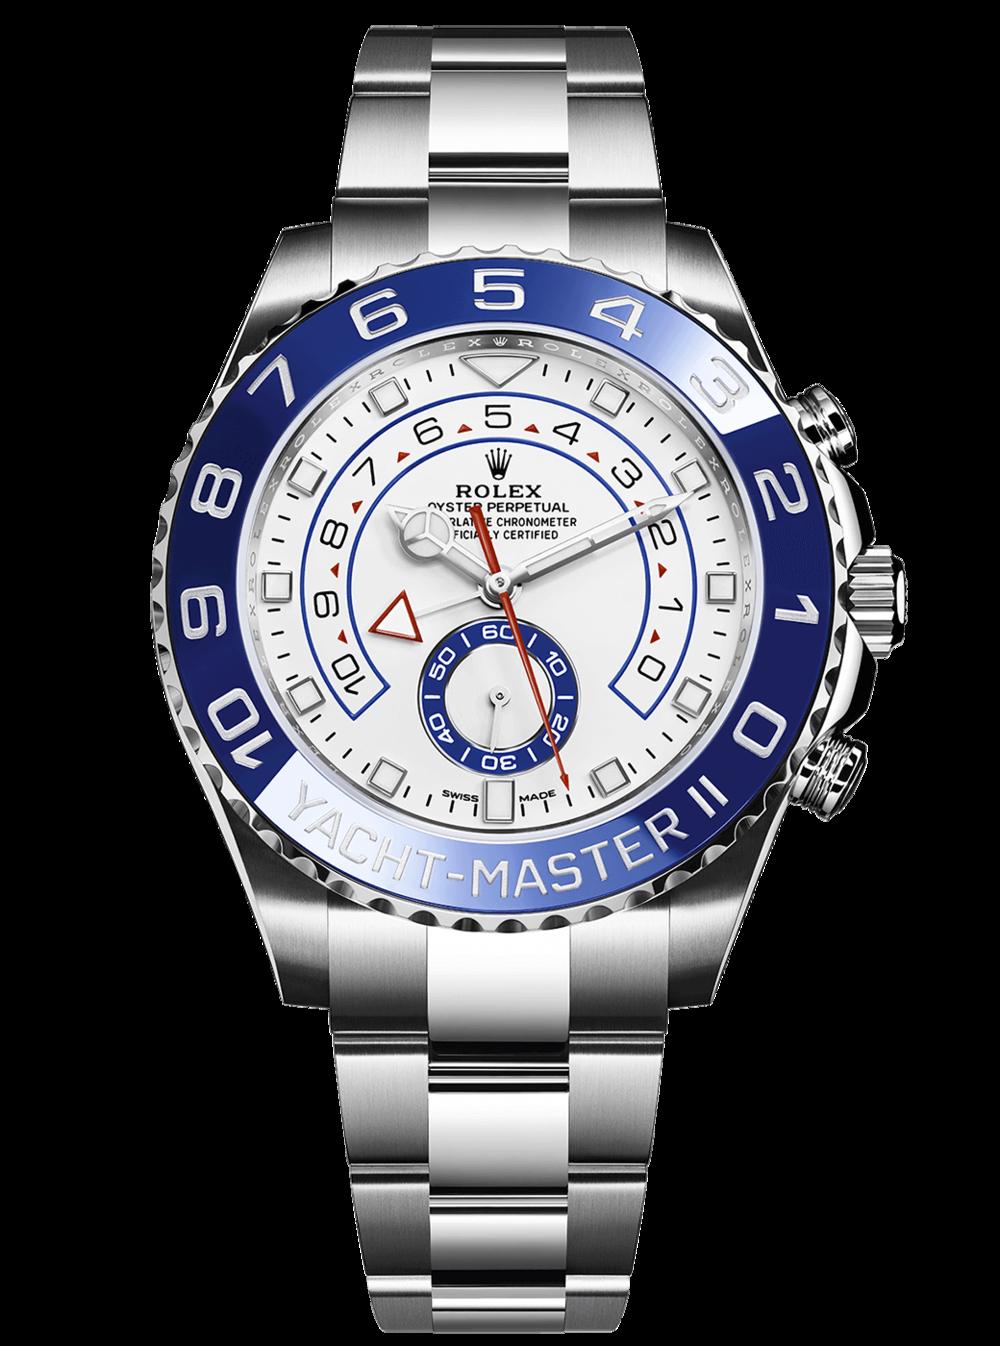 Rolex Yacht Master Ii Rolex Watches Rolex Yachtmaster Ii Luxury Watches For Men